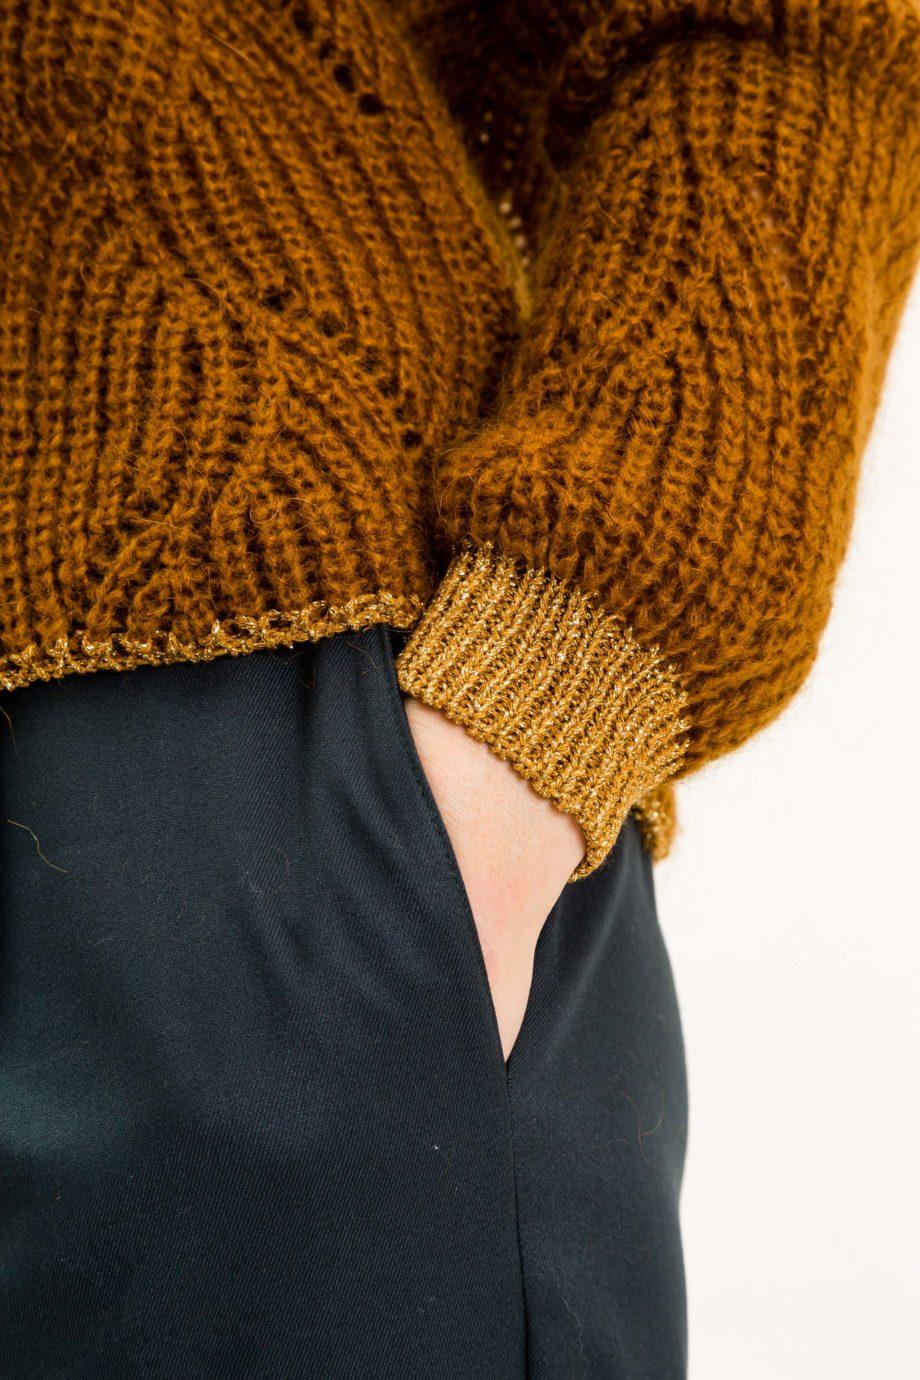 UVR CONNECTED TIGERINA Pullover mit interessantem Strickmuster, golden glitzernden Bündchen und Mohairanteil